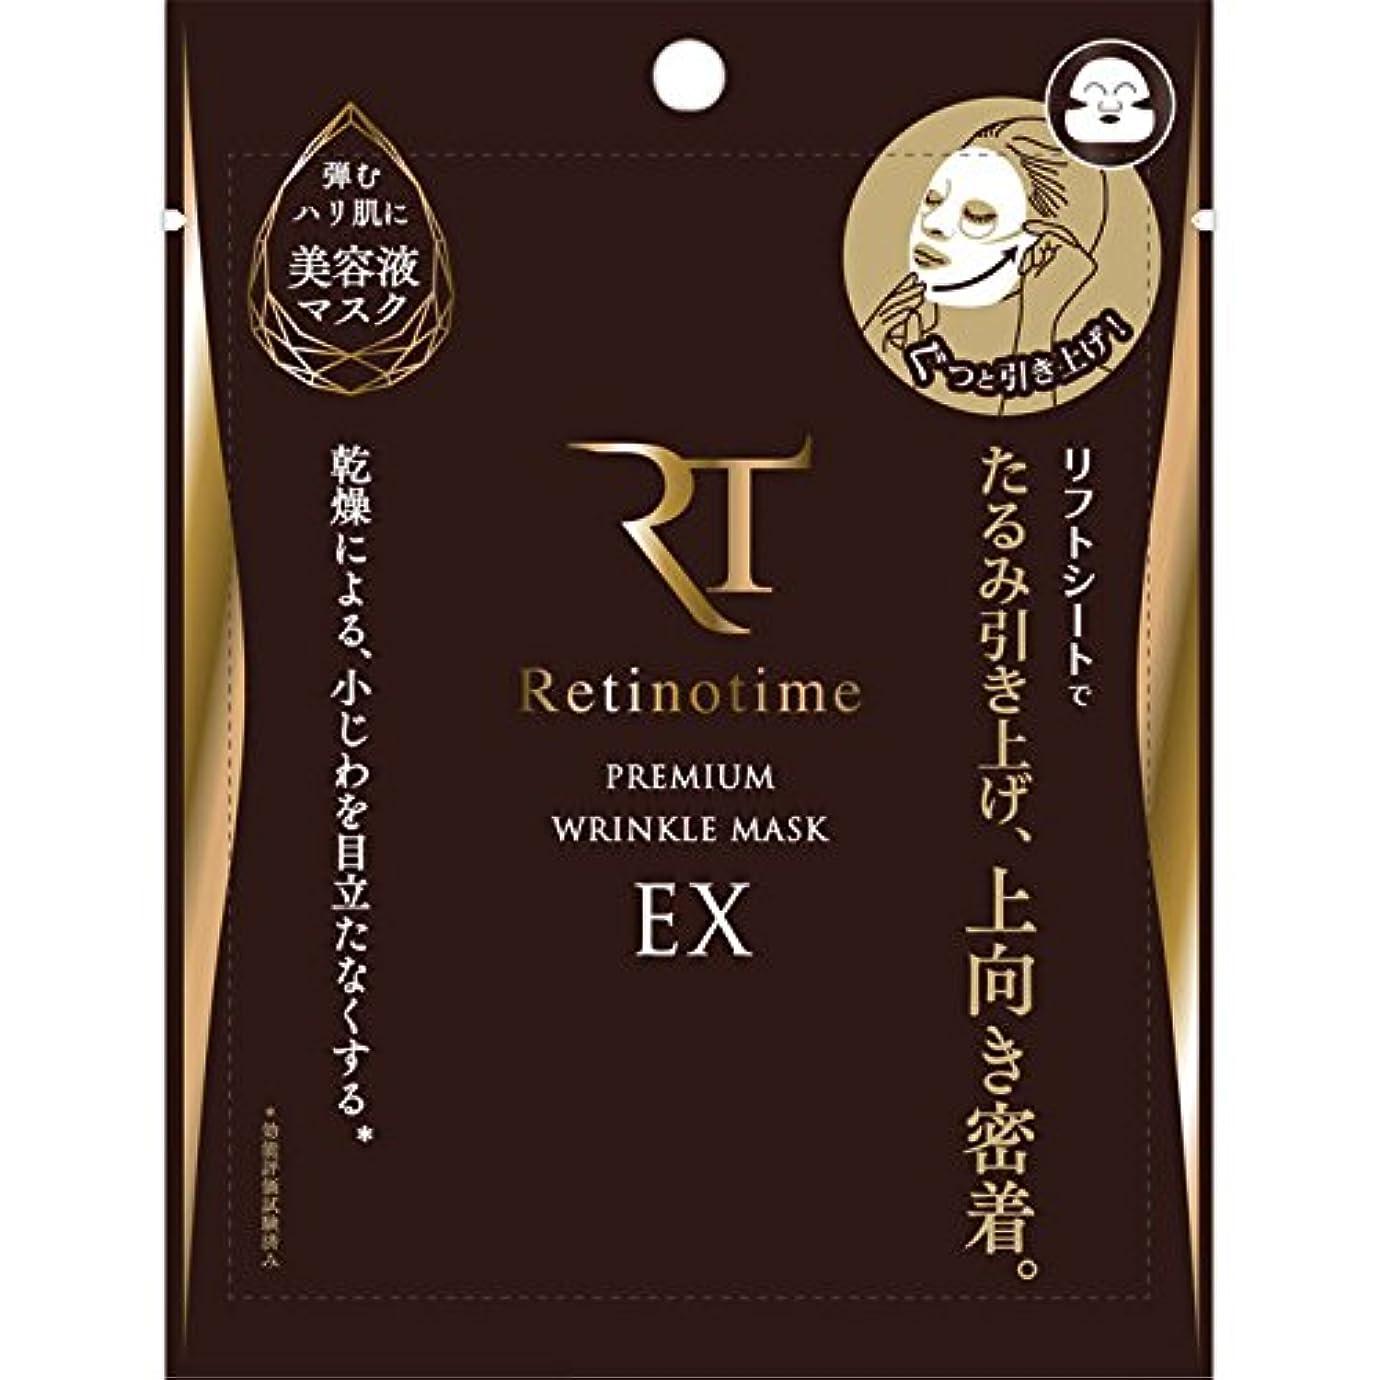 レチノタイム プレミアムリンクルマスク EX 1枚【26ml】